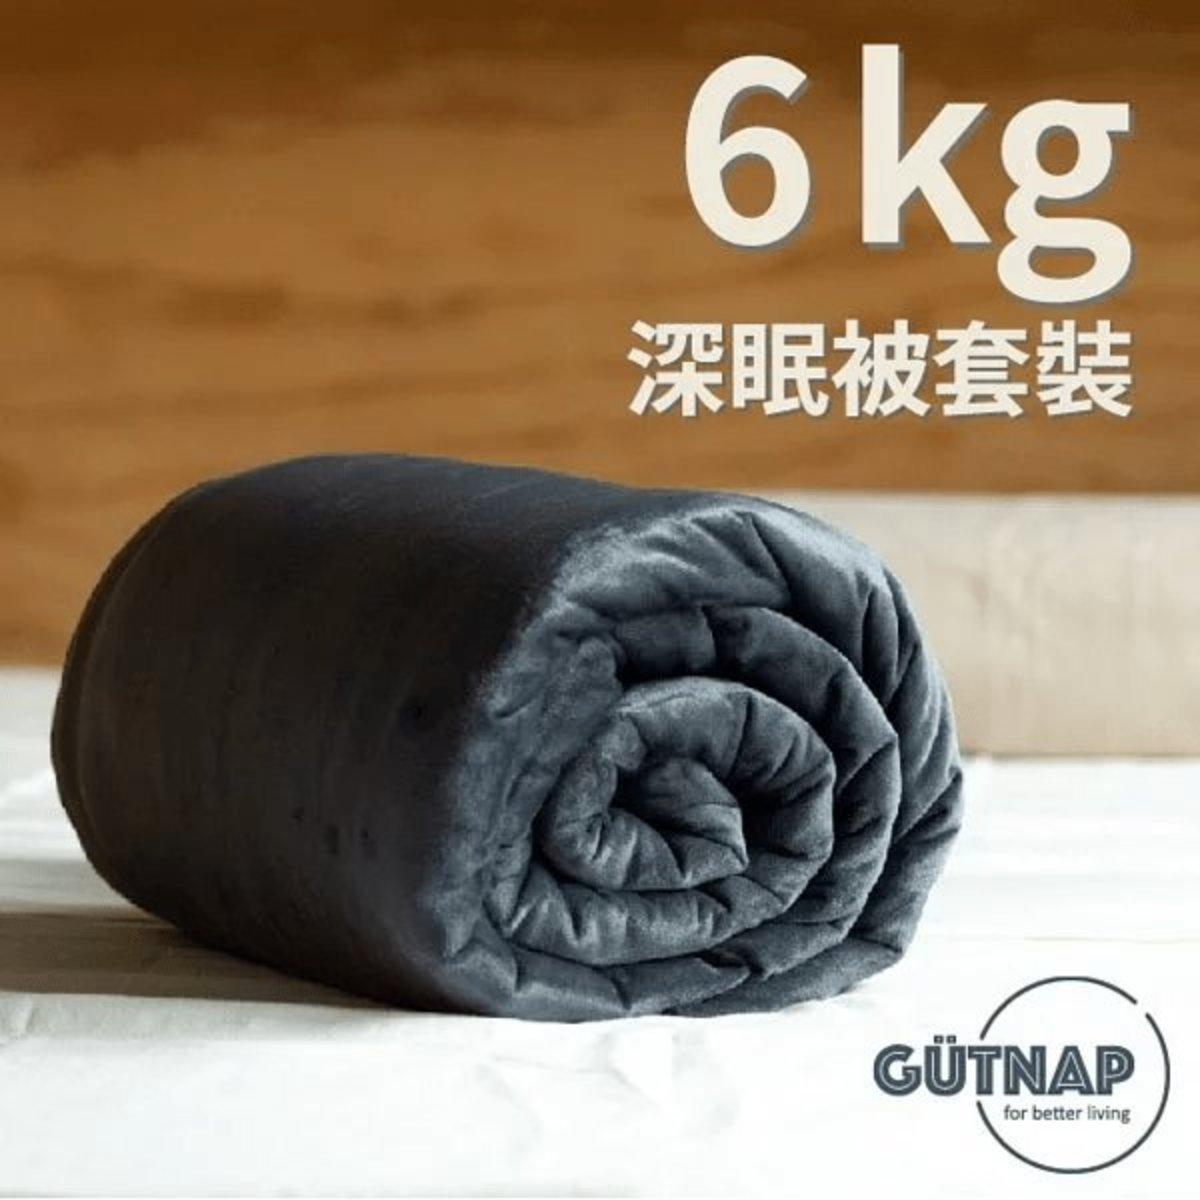 6kg Deep sleep quilt (quilt + light warm quilt cover)